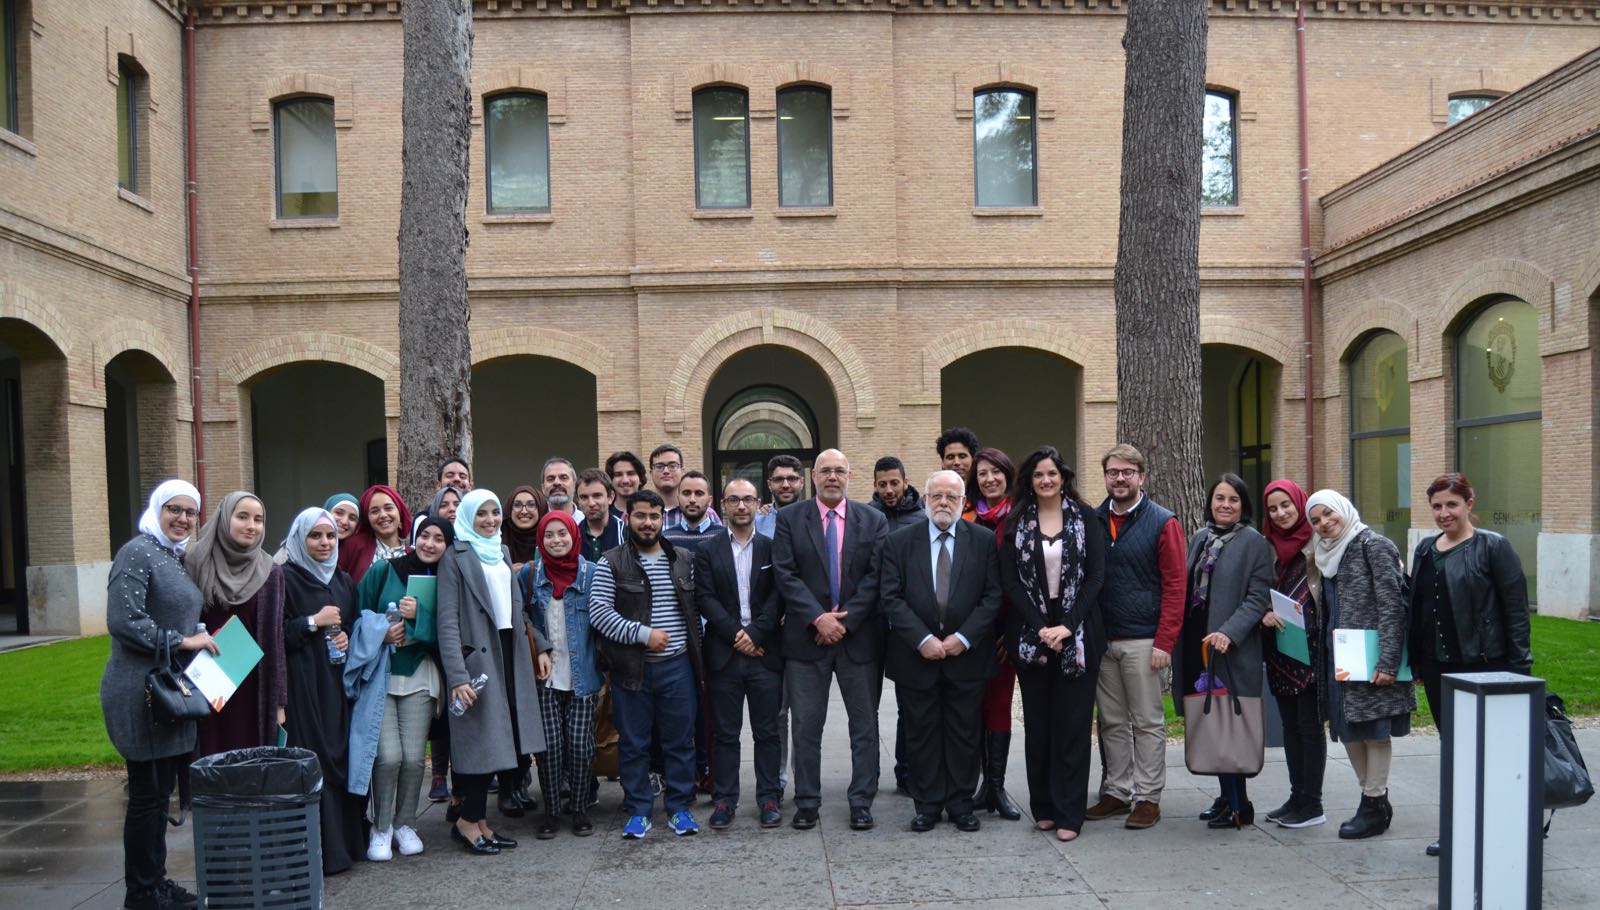 Edificio A- Ciutat Administrativa 9 d'Octubrec/ de la Democràcia, nº 77, 46018 – Valencia